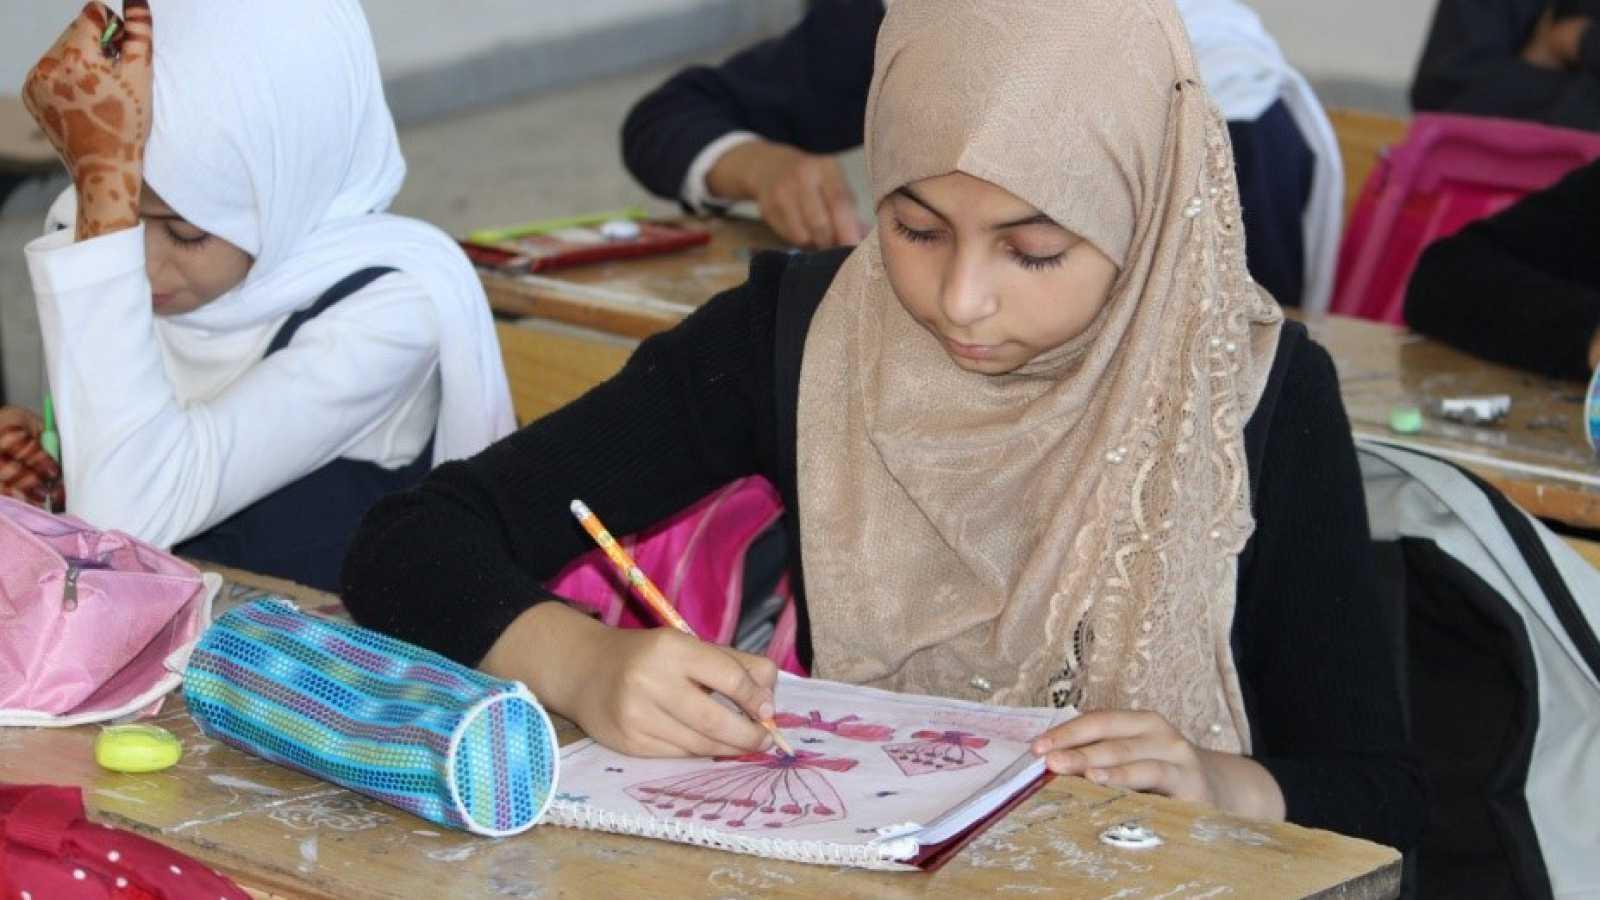 Punto de enlace - Para Naciones Unidas, las mujeres son el corazón del Desarrollo Sostenible en Libia - 29/03/21 - Escuchar ahora